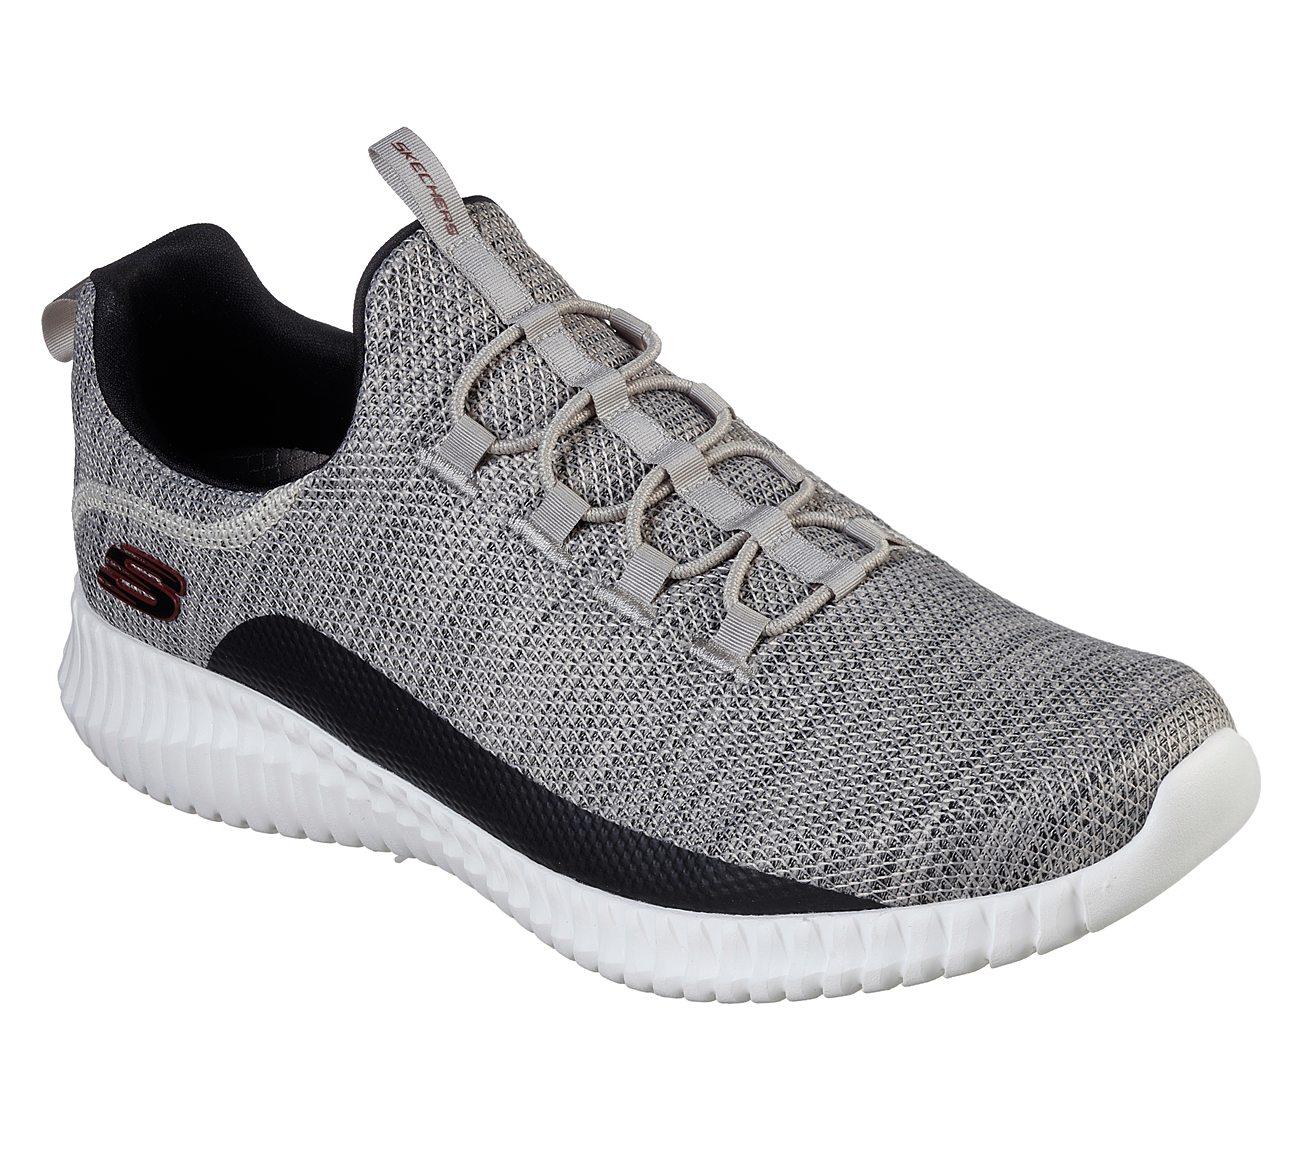 8c36085427a3 Buy SKECHERS Elite Flex - Westerfield Sport Shoes only  70.00